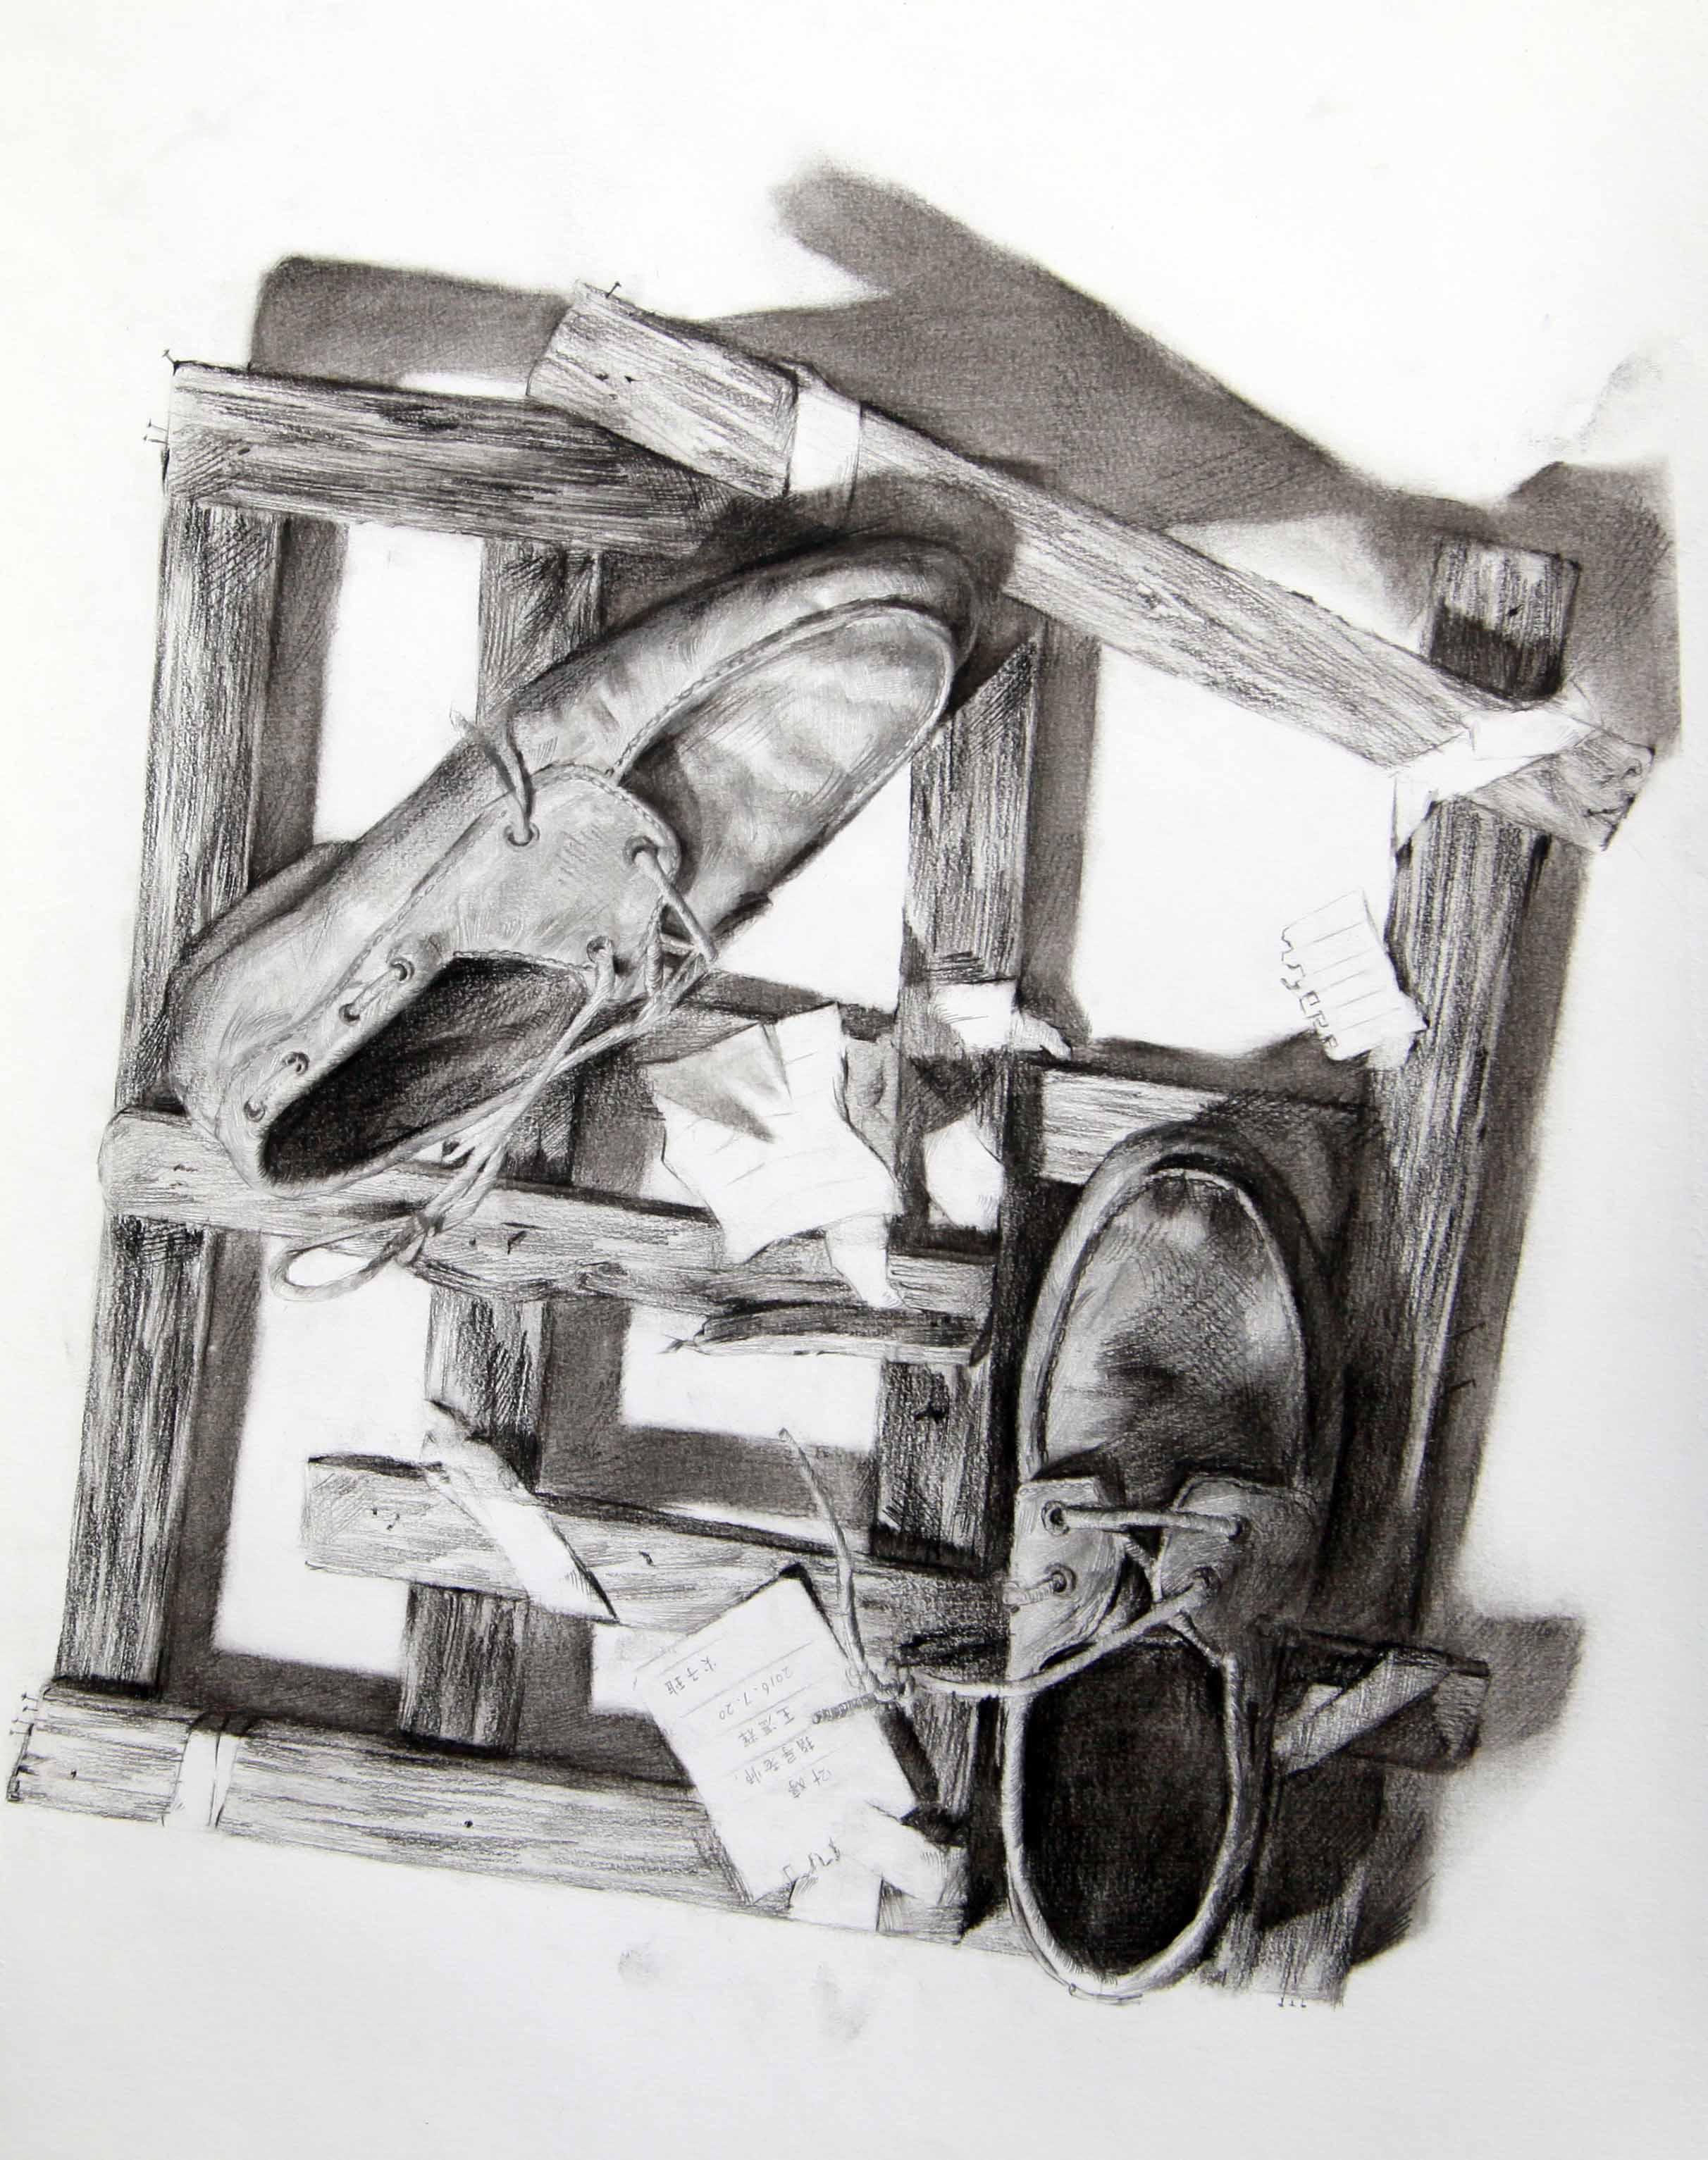 广州画室素描培训,广州素描集训画室,广州素描美术培训班